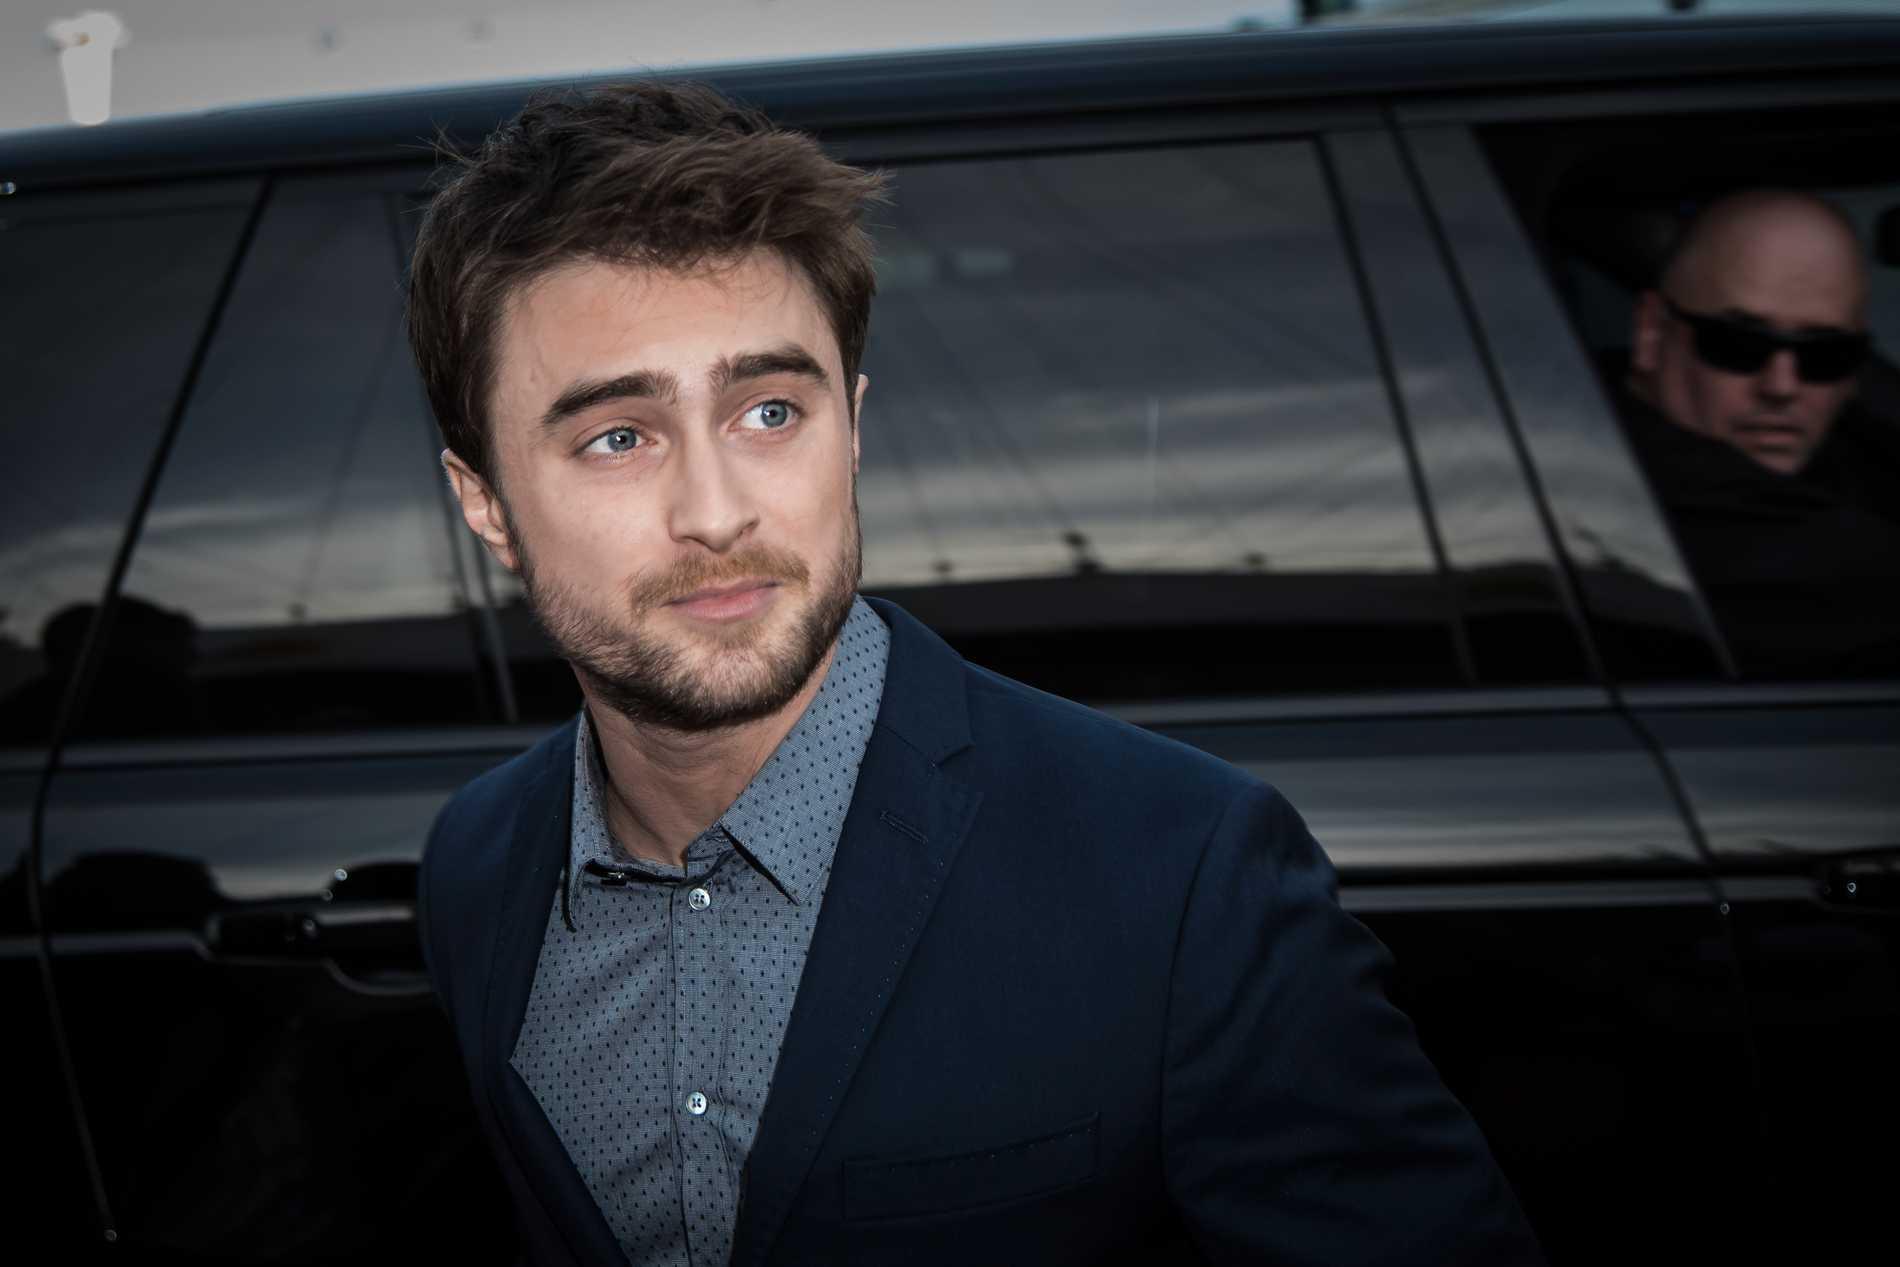 Daniel Radcliffe, 31, som spelade Harry Potter i filmerna, var först med att ta avstånd från författaren som lagt grunden för hans karriär och enorma förmögenhet.